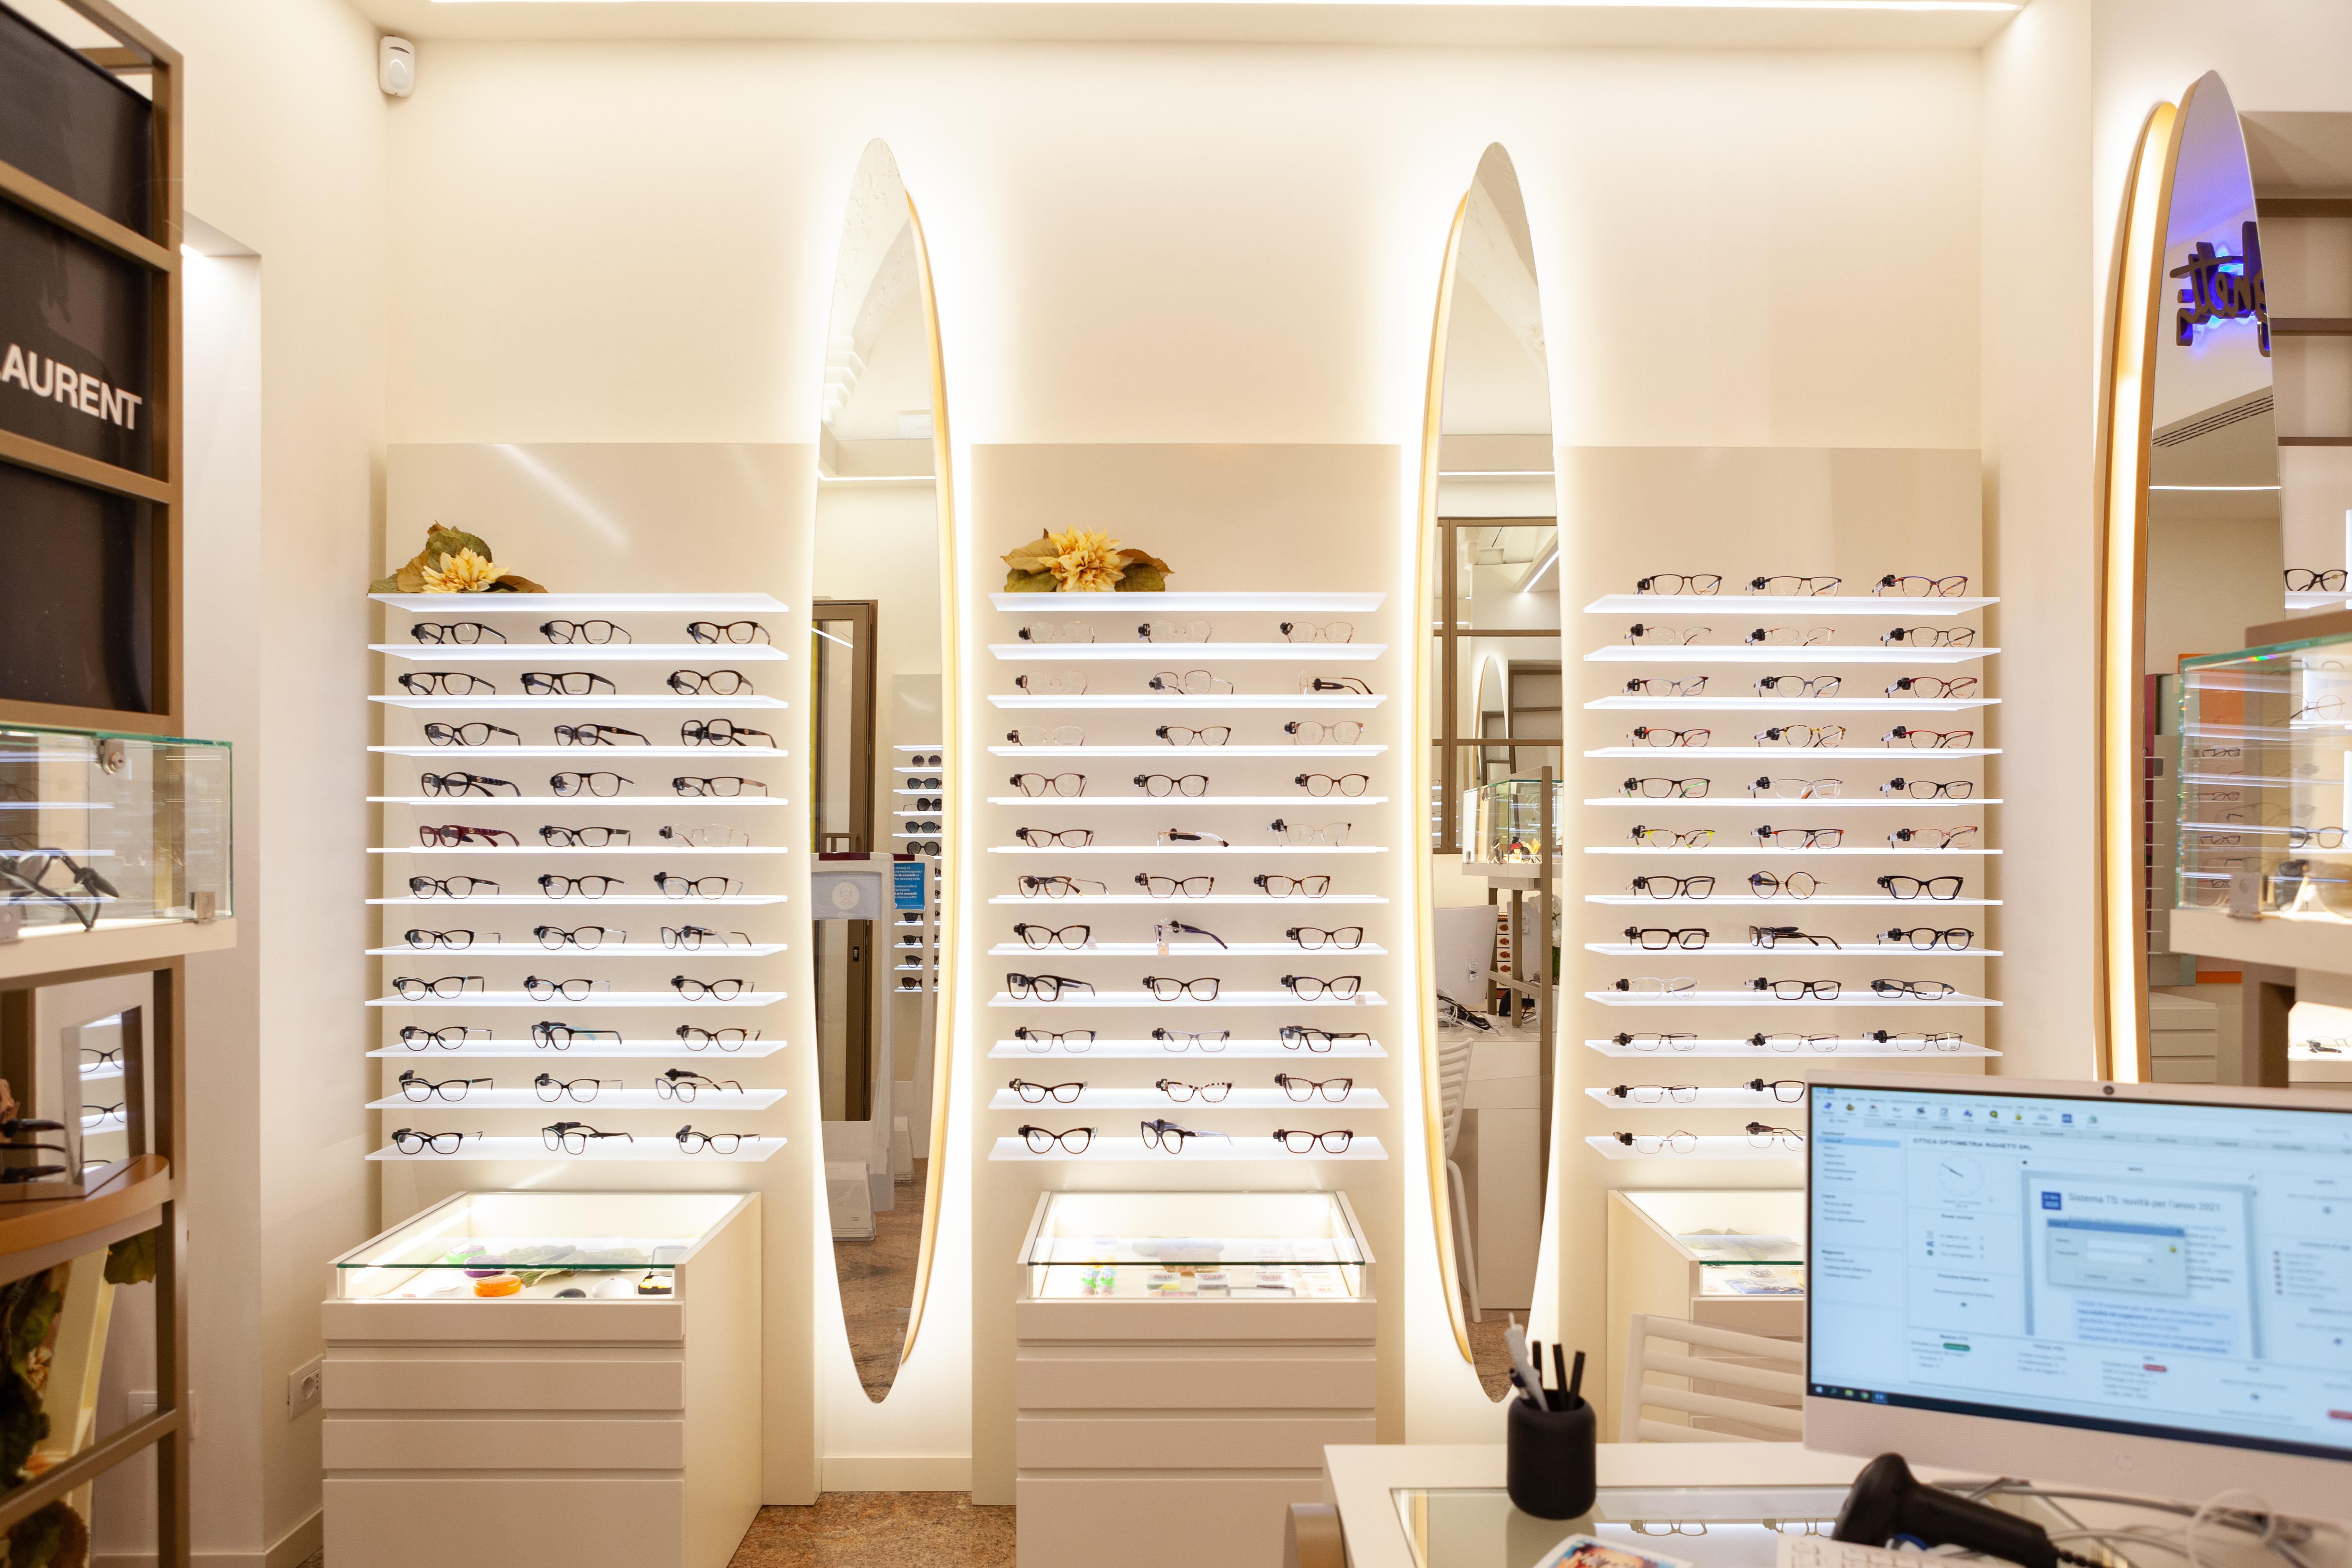 ottica optometria righetti modena via emilia centro occhiali